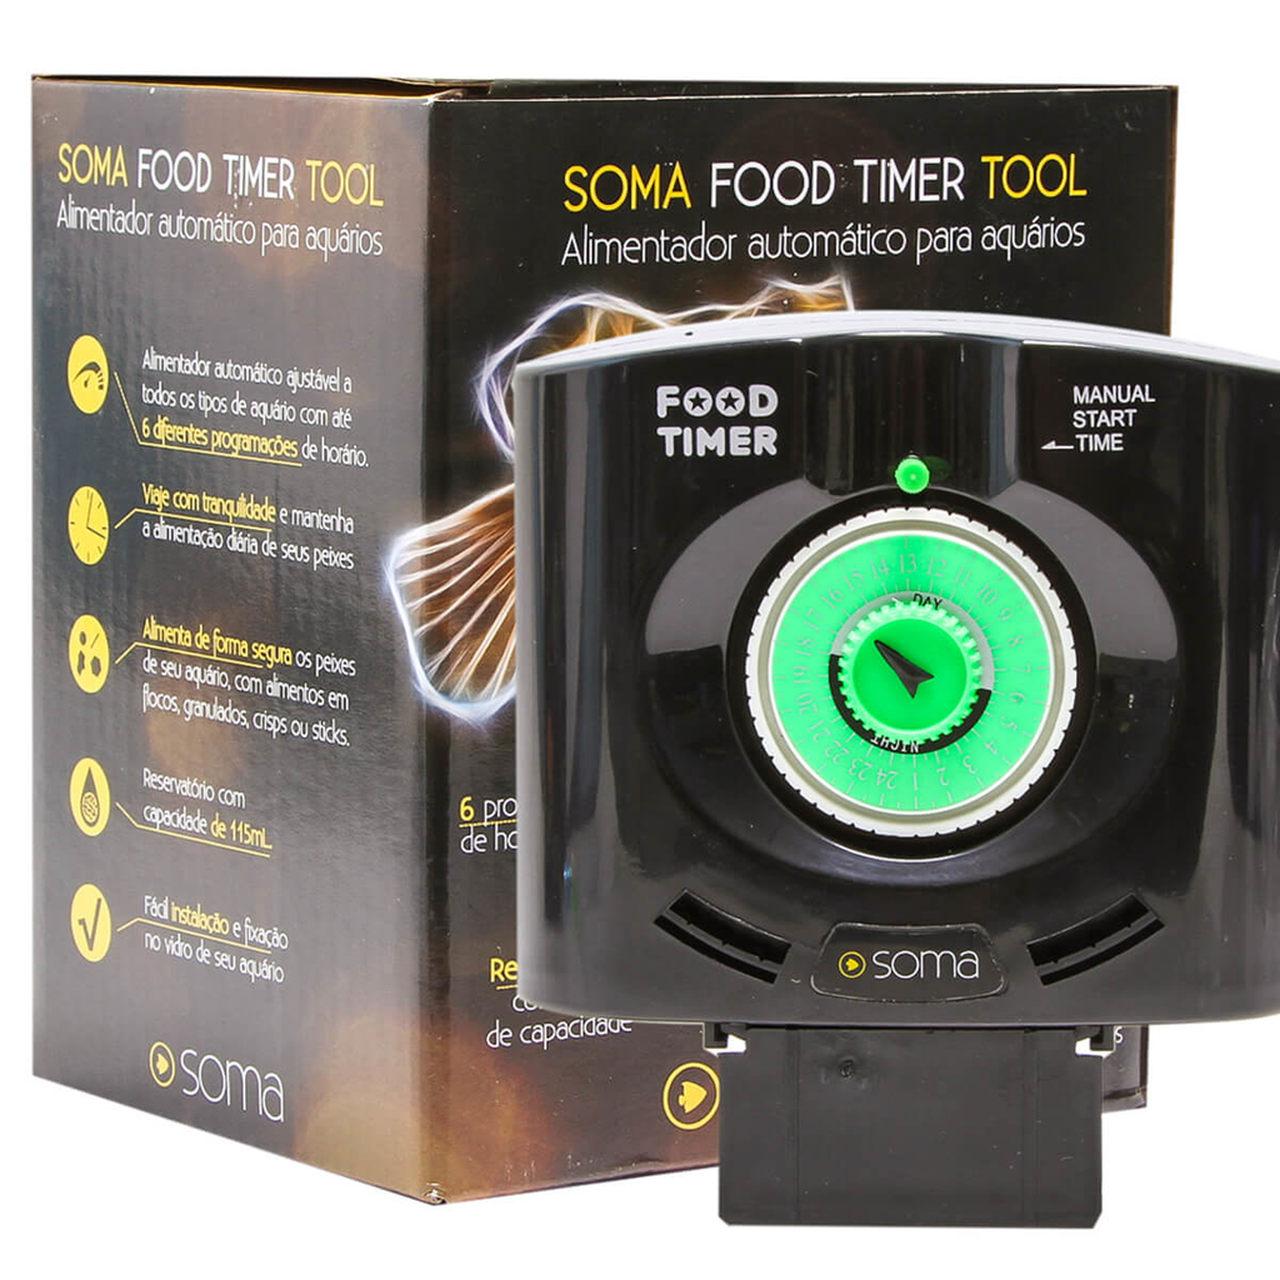 Alimentador Automático Para Aquário Food Timer Tool Soma